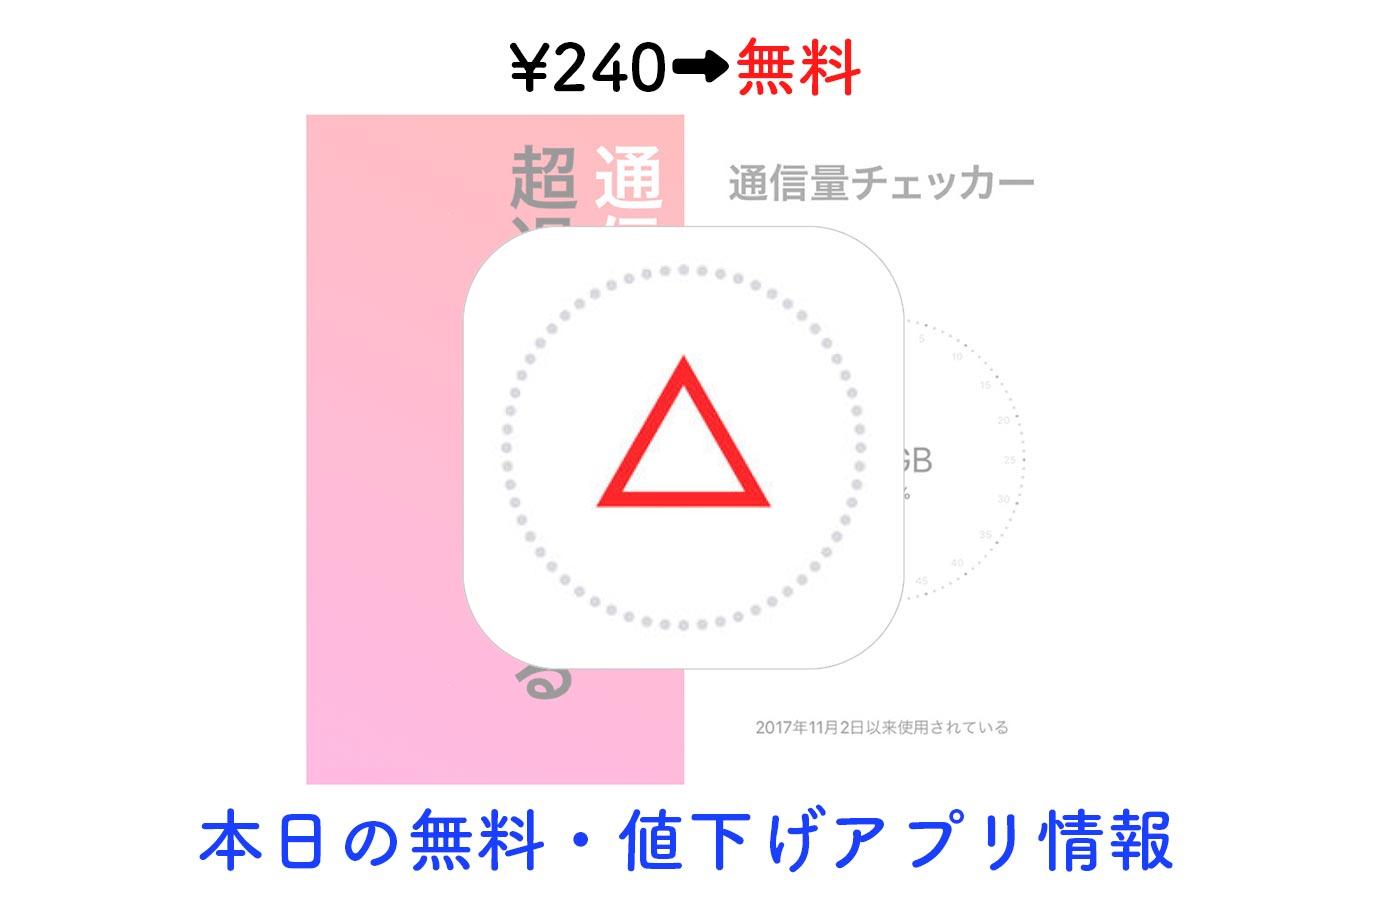 ¥240→無料、ウィジェットに対応した通信量チェックアプリ「Databit」など【12/17】本日の無料・値下げアプリ情報